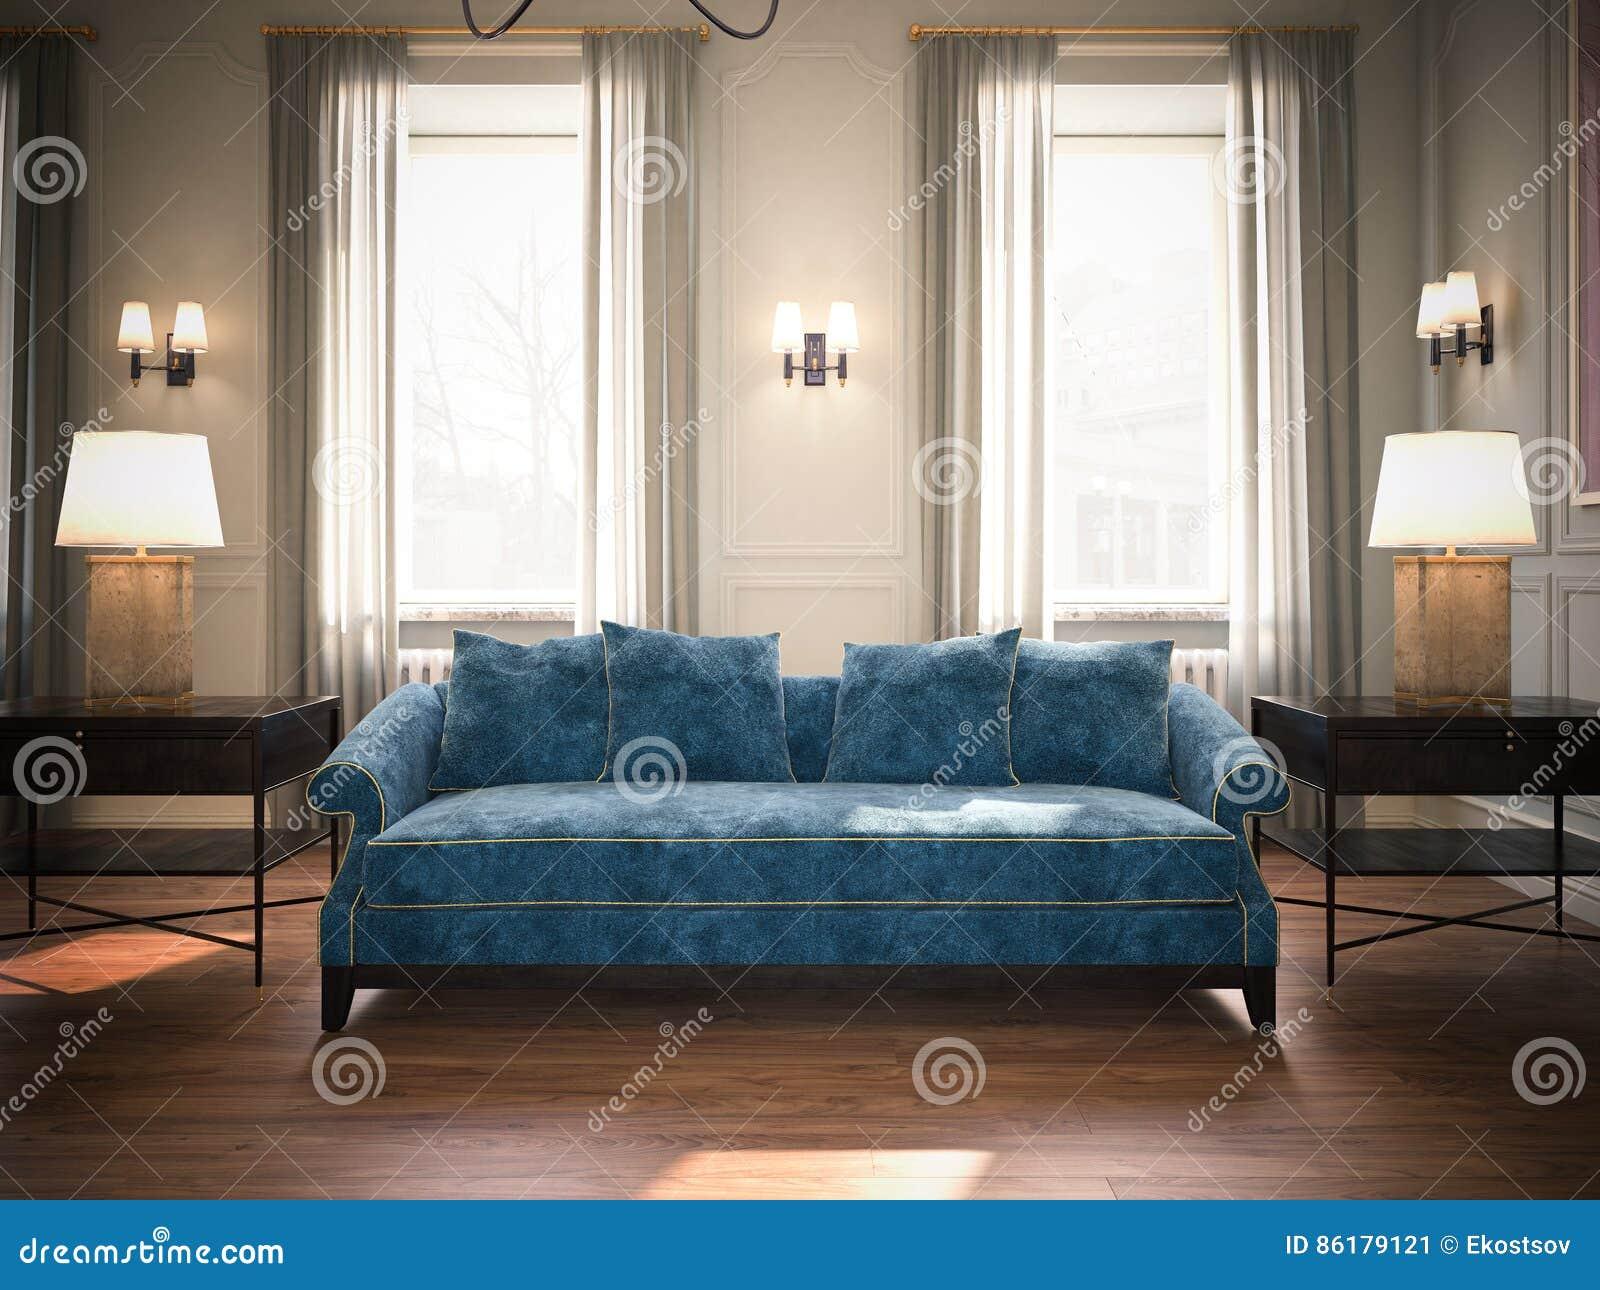 Blauwe Design Bank.Klassieke Woonkamer Met Blauwe Bank Het 3d Teruggeven Stock